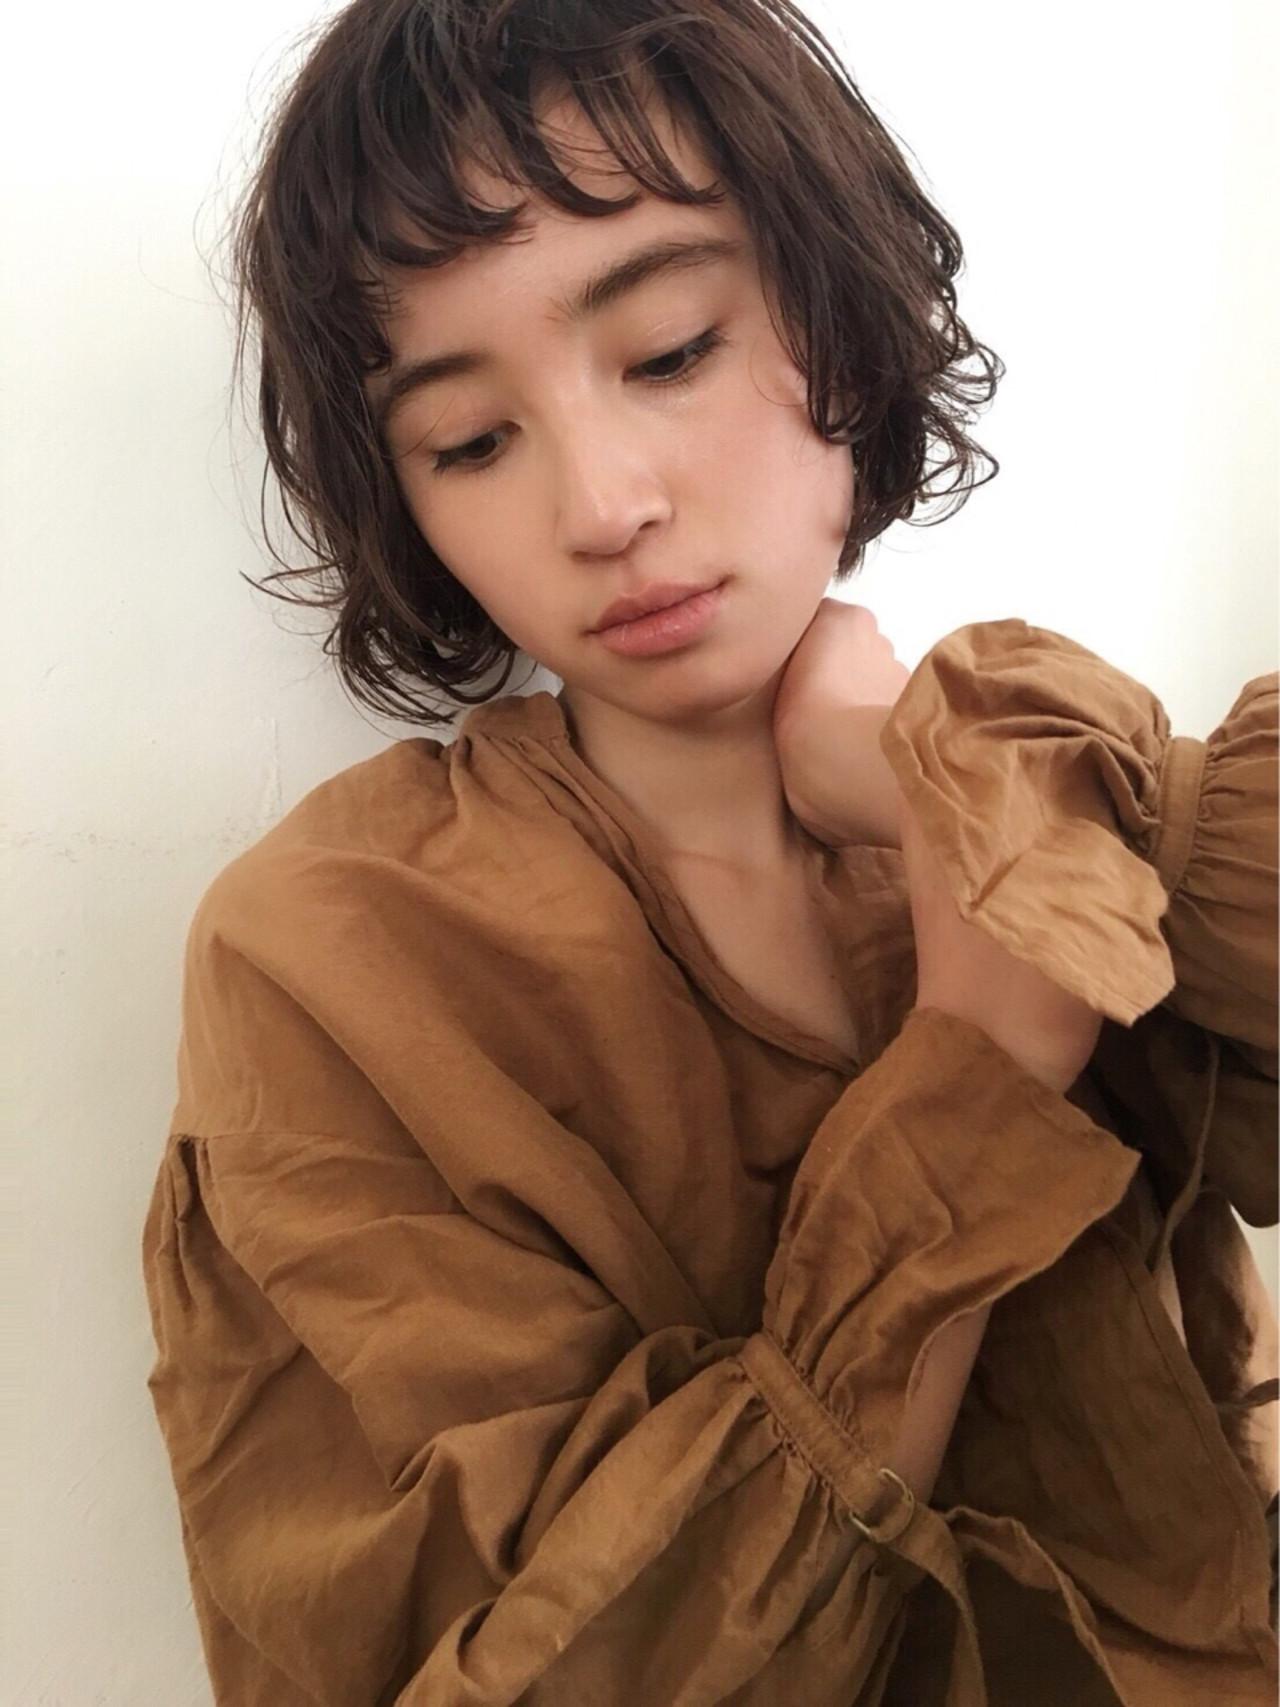 ショート オン眉 ショートバング パーマ ヘアスタイルや髪型の写真・画像 | 菅沼宏恵 /